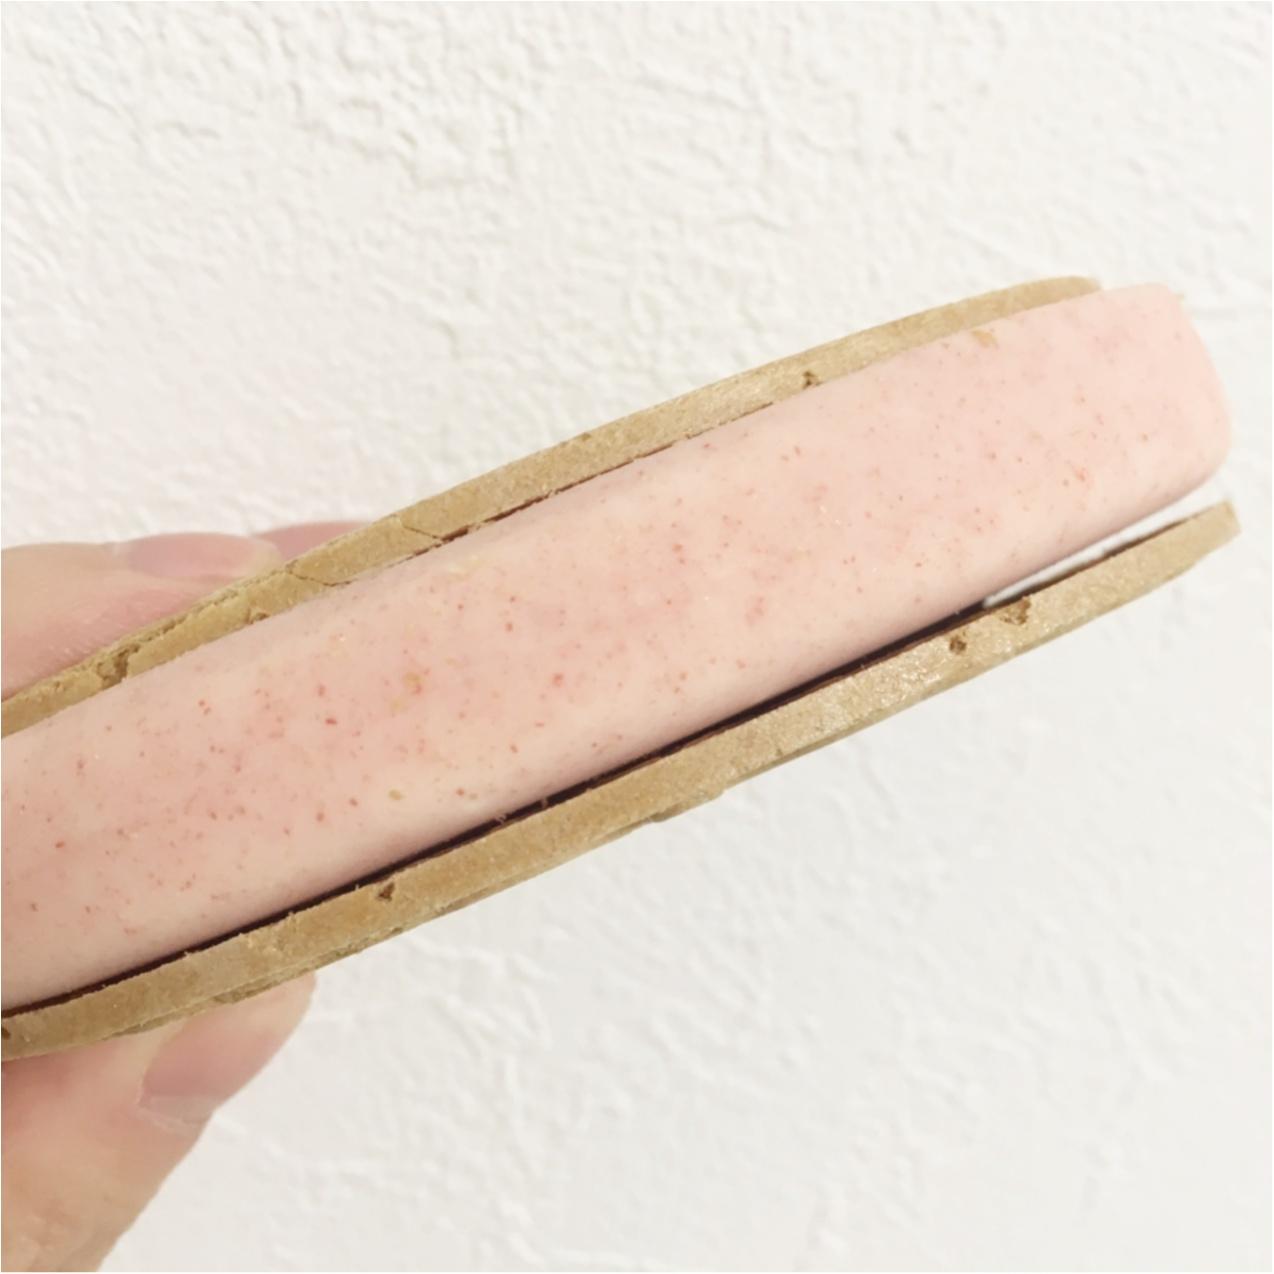 【 ハーゲンダッツ 】4種類のチーズと甘酸っぱいイチゴの味わい♡ 《 ストロベリーフロマージュ 》_2